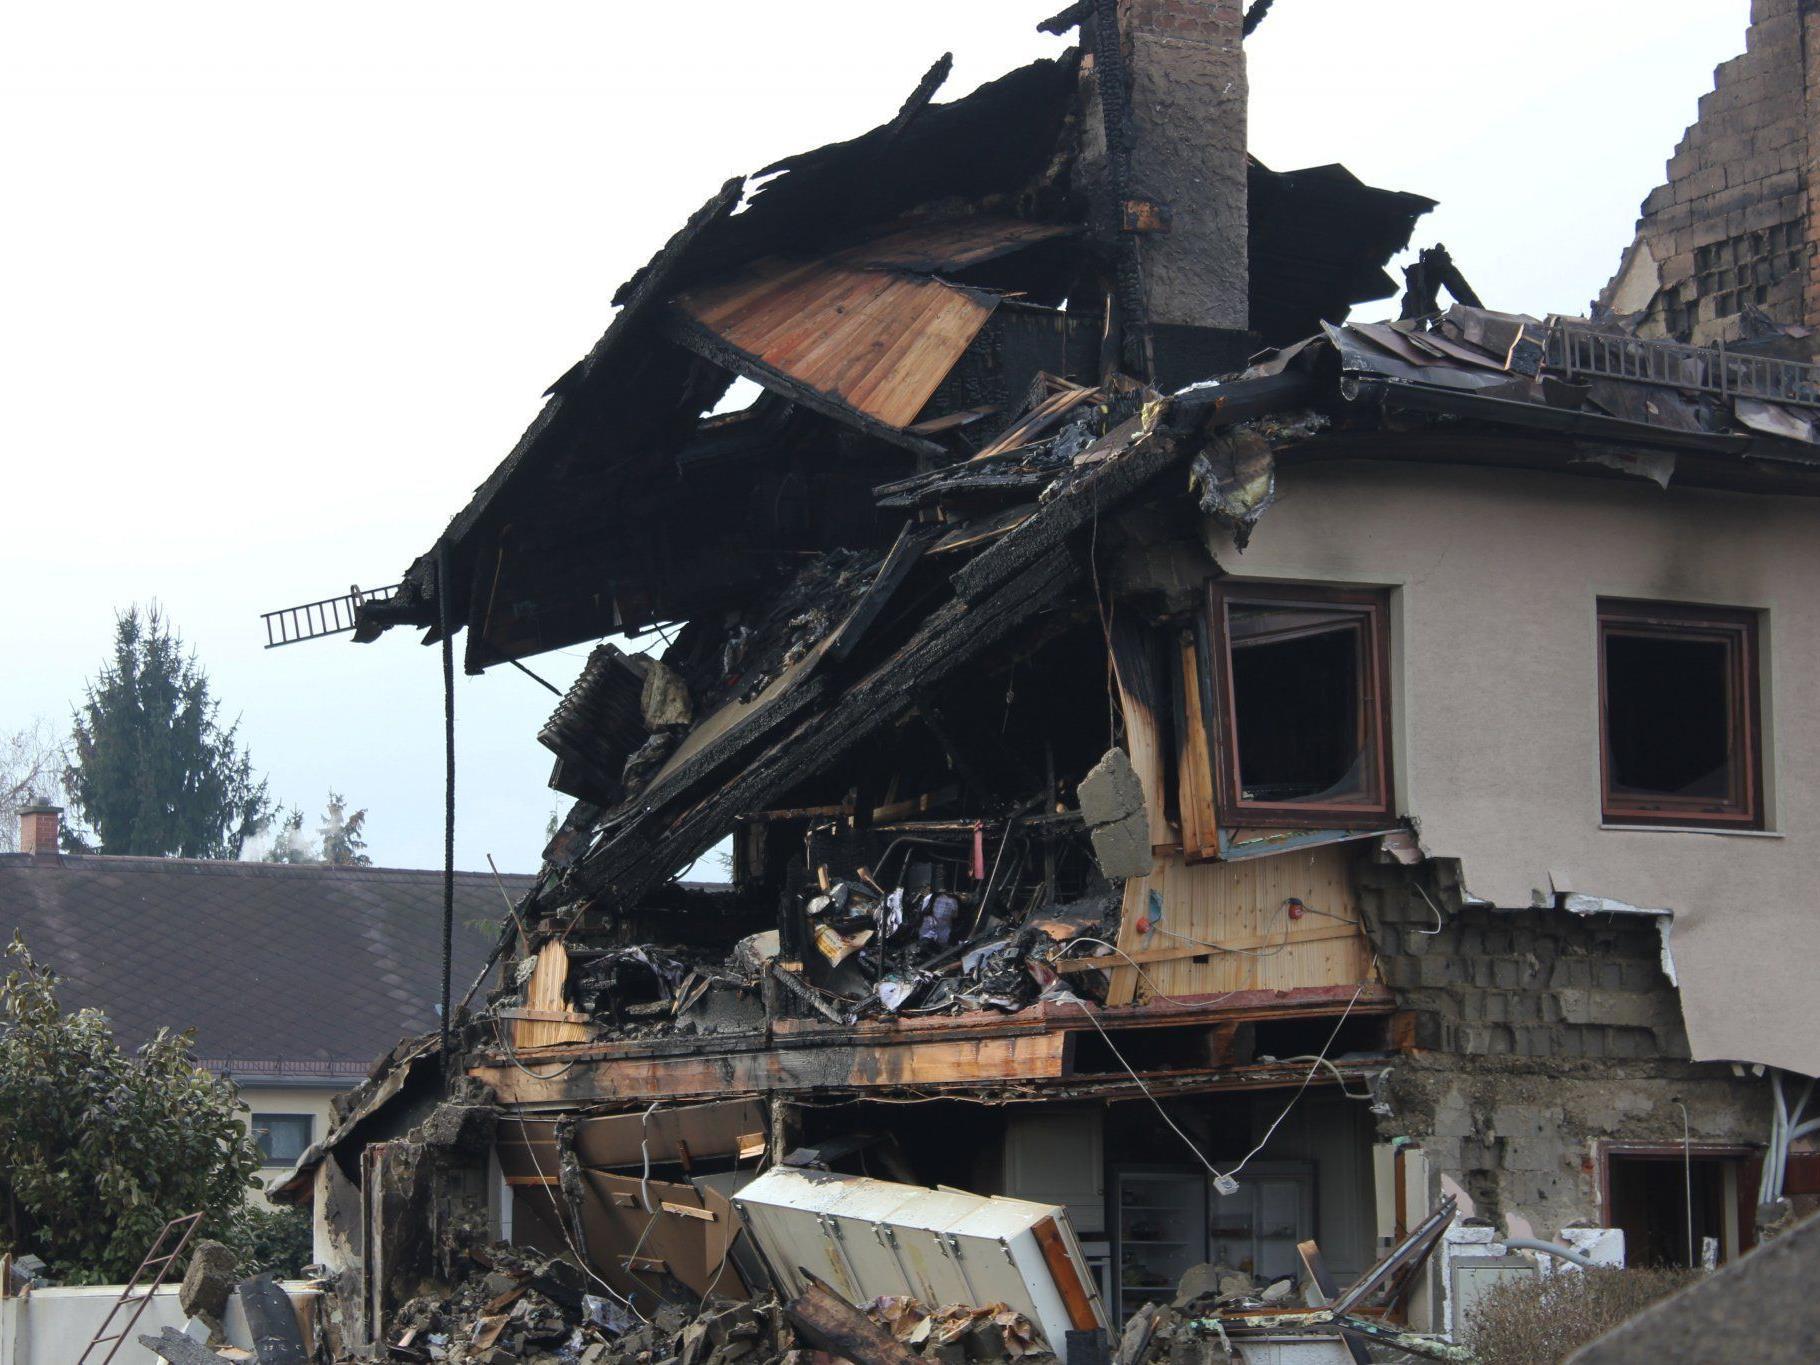 Eine abbruchreife Ruine blieb nach der Gasexplosion am Samstag, 31. Dezember, zurück.